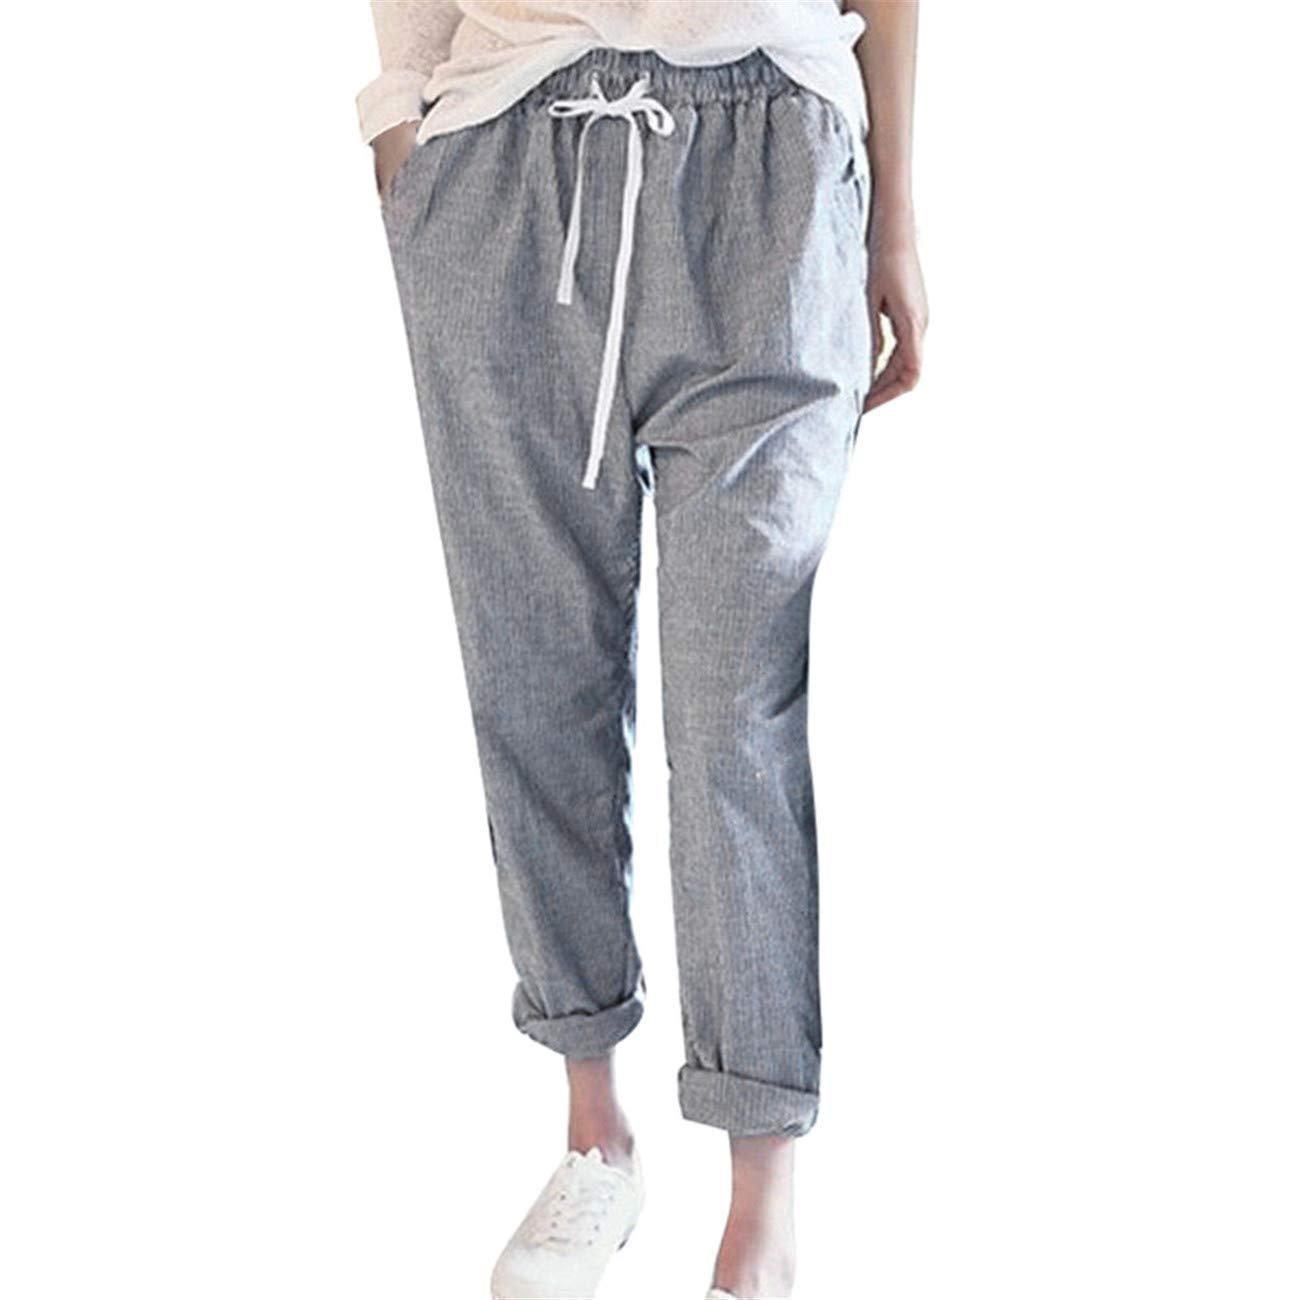 LHWY-Donna Estivi Alta Sottile Casual Elegante Lunghi Harem Elastico In Vita Elastica In Cotone E Pantaloni Larghi In Lino